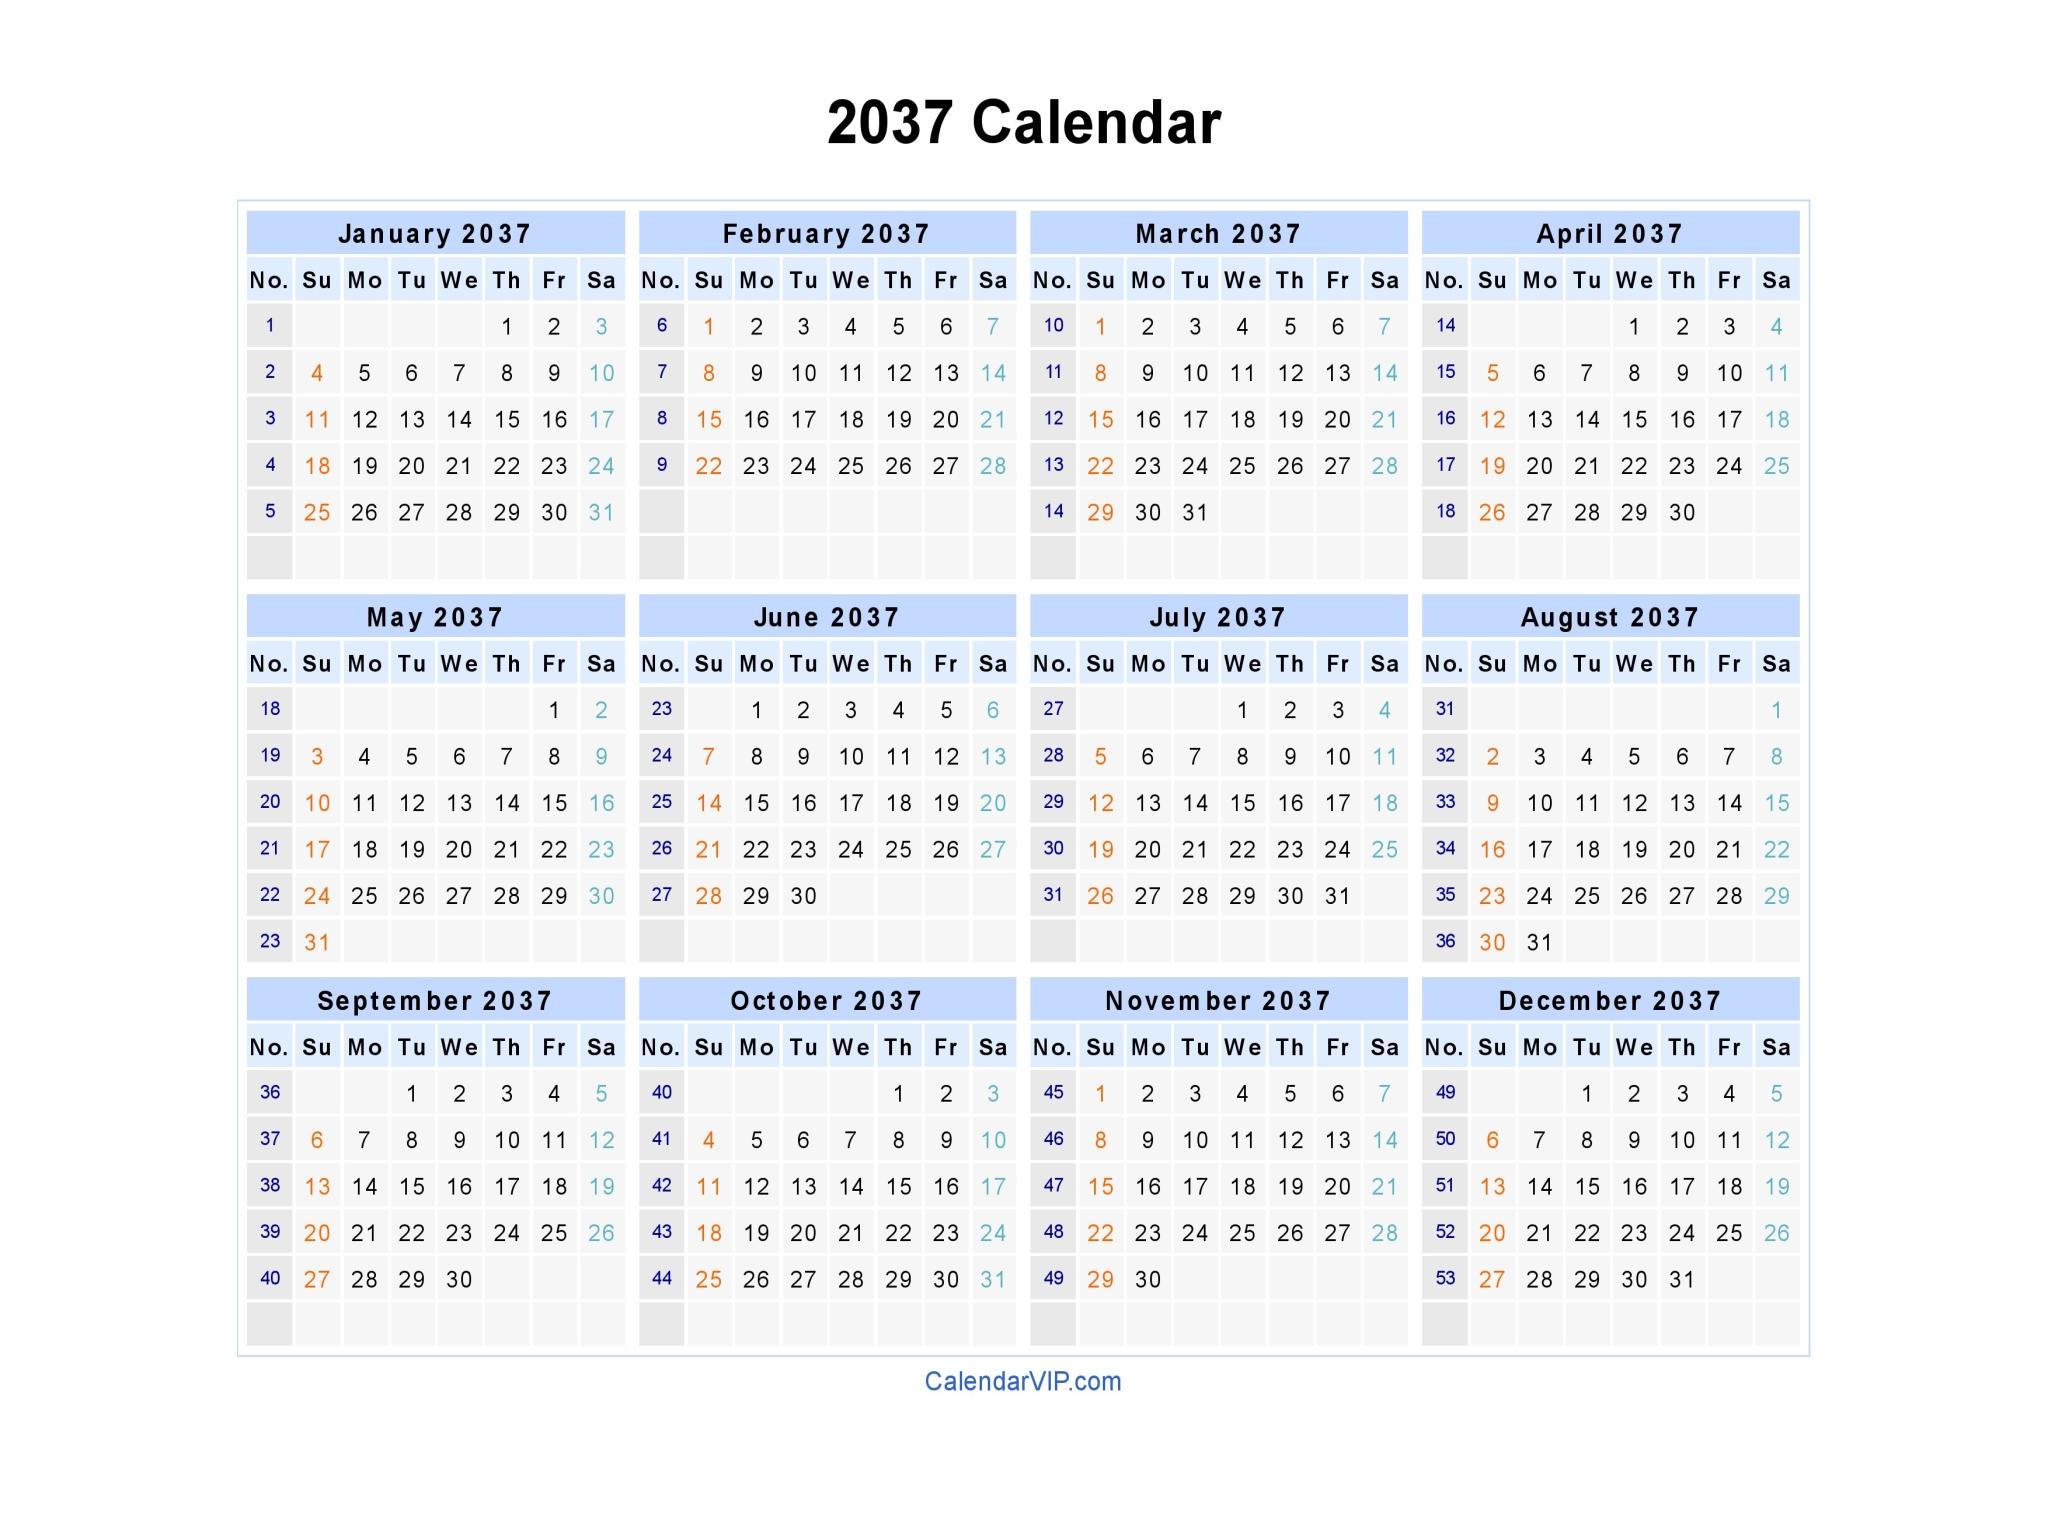 2037 Calendar - Blank Printable Calendar Template in PDF Word Excel